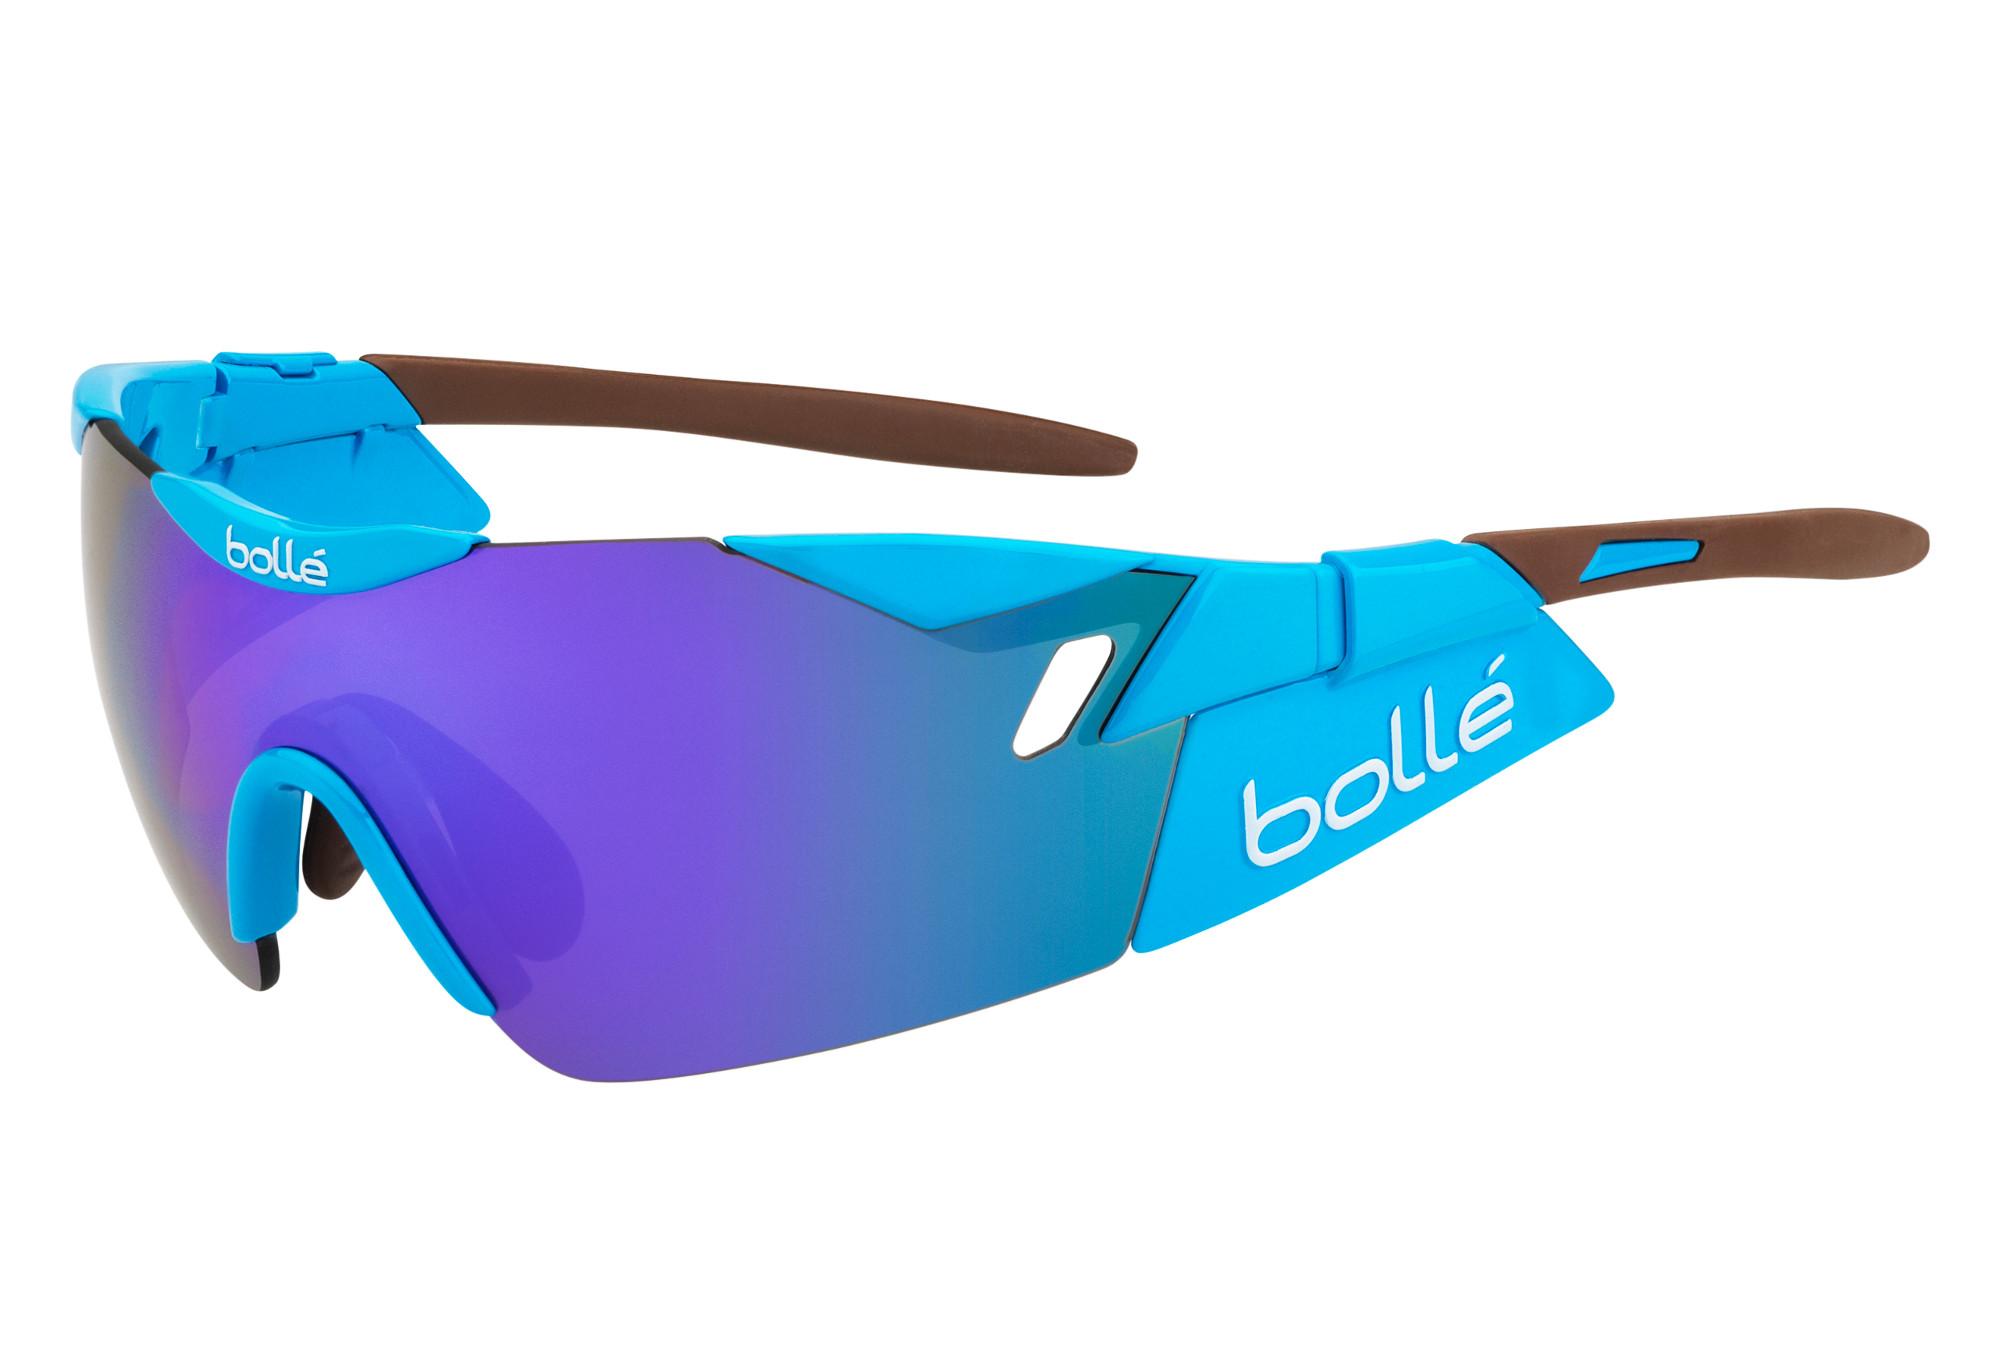 dcf5023c6d Lunette Cyclisme BOLLE 6th SENSE AG2R Bleu Marron - Violet ...